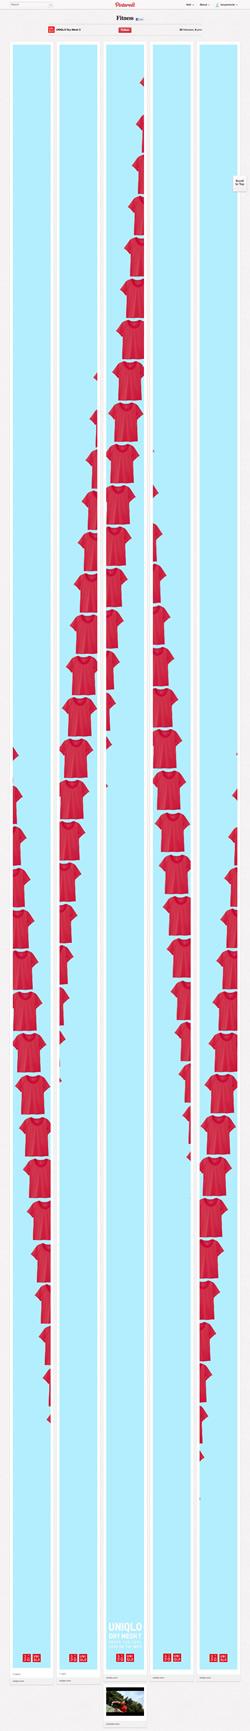 図2 アニメーション効果を持つ,巨大な「Dry Mesh T-shirt」のモザイクが表示される